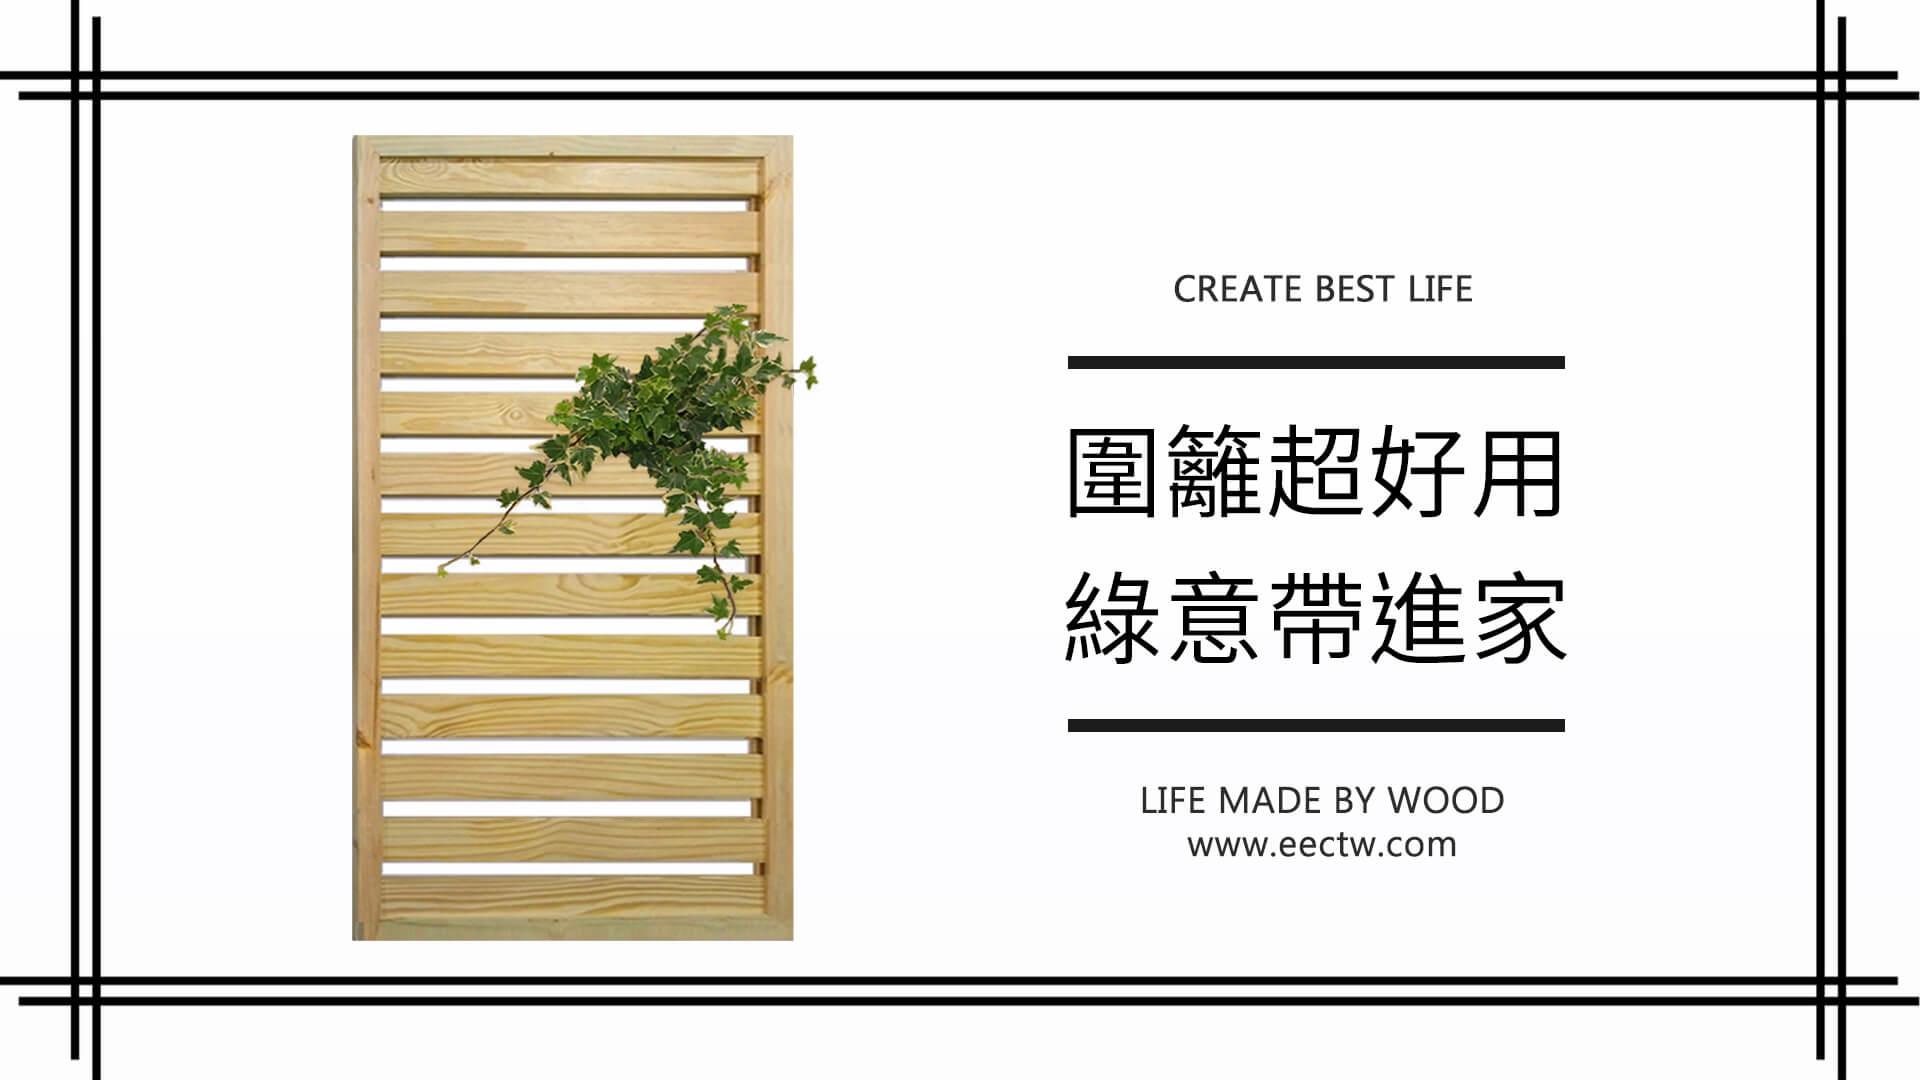 橫條木圍籬wood fence